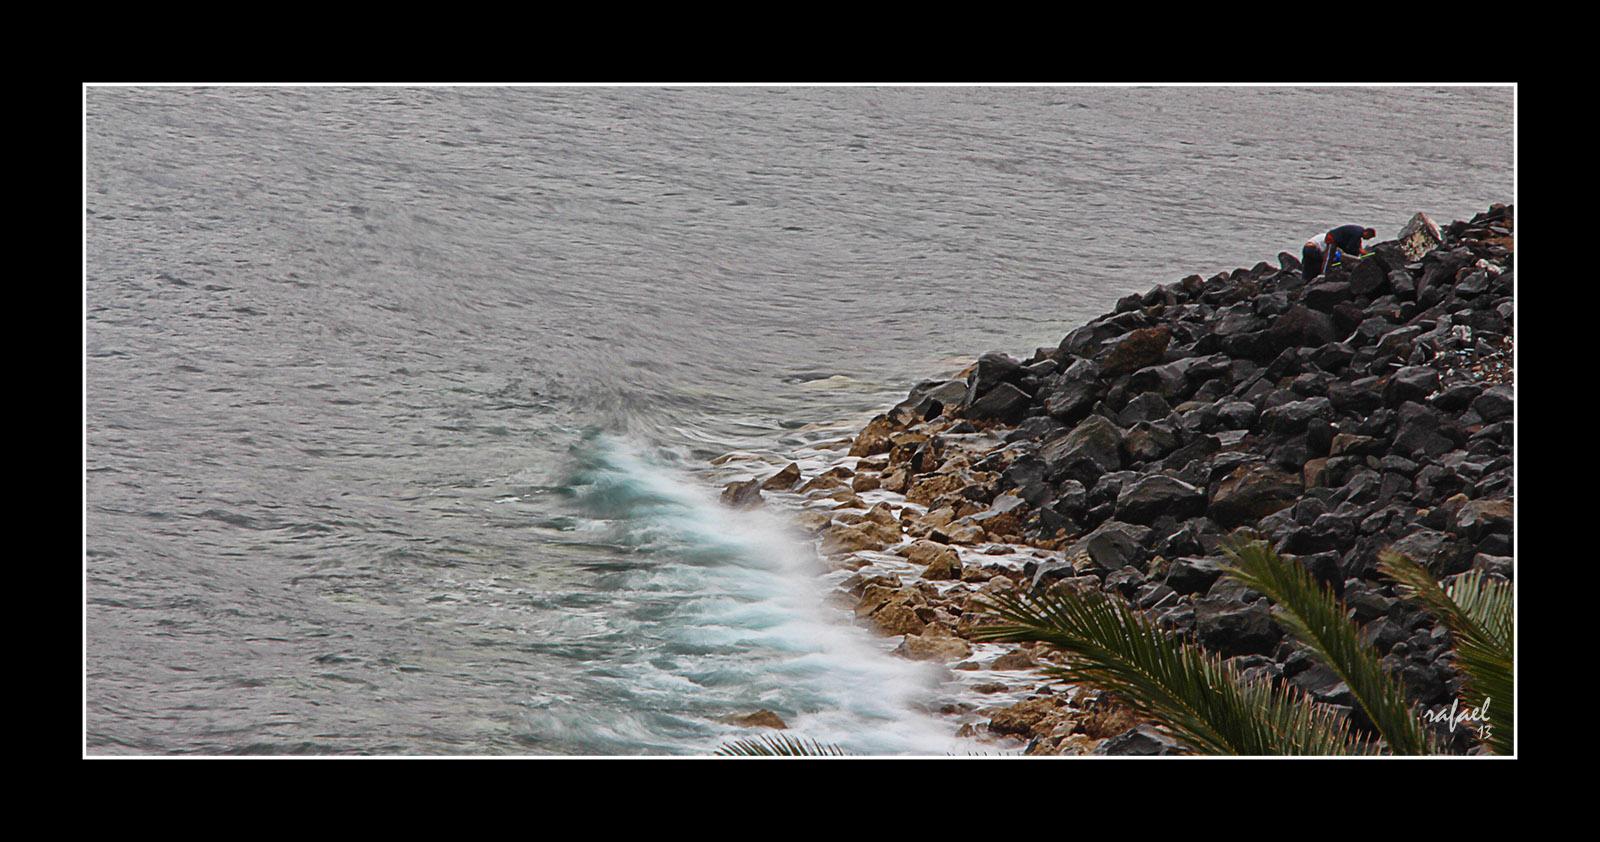 Un mar suave acaricia las rocas